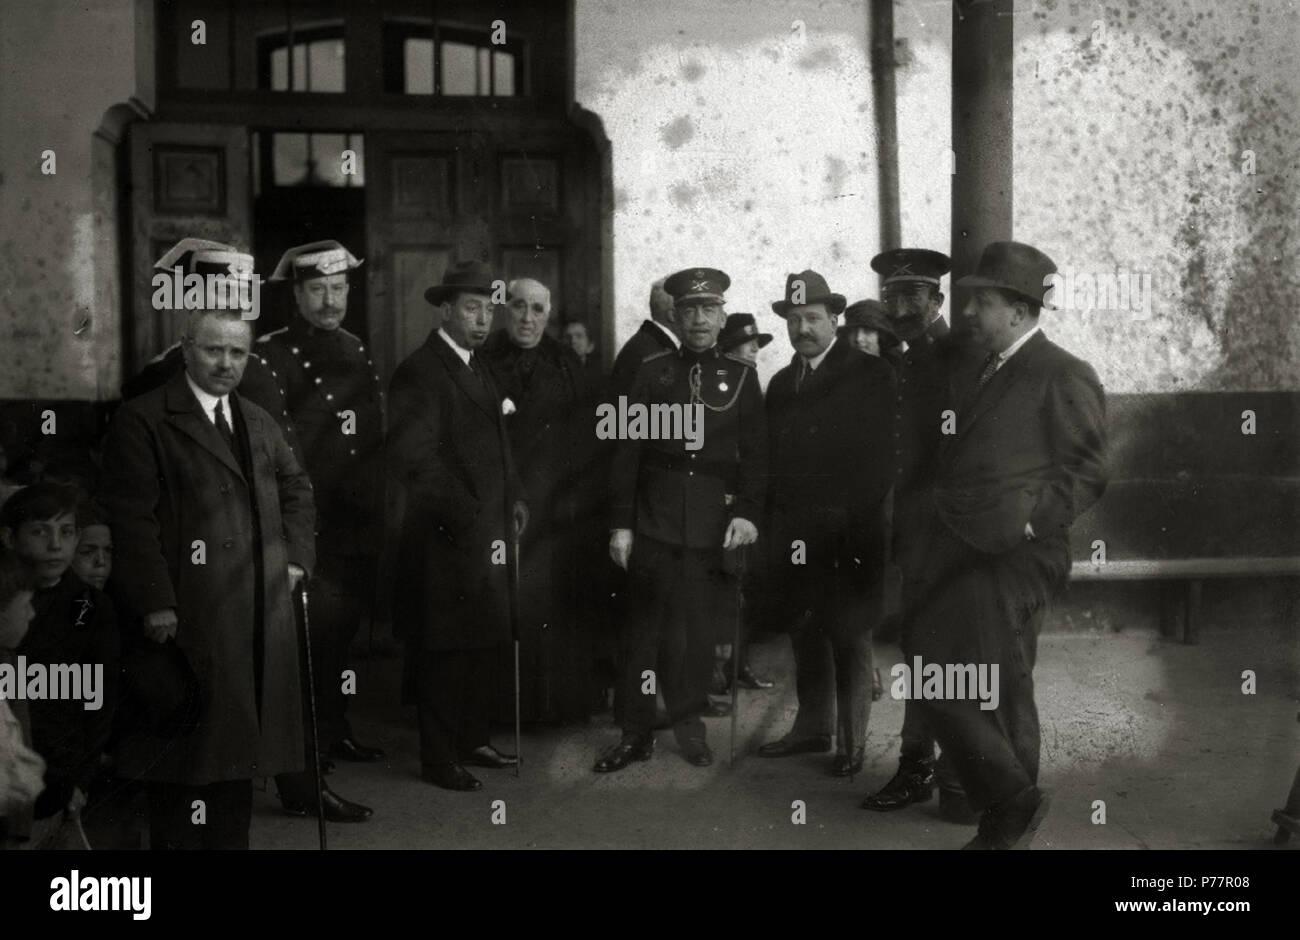 27 El alcalde de San Sebastián, Maríano Zuaznavar, con un grupo de hombres, algunos de ellos militares, en el interior de un edificio (1 de 1) - Fondo Car-Kutxa Fototeka - Stock Image